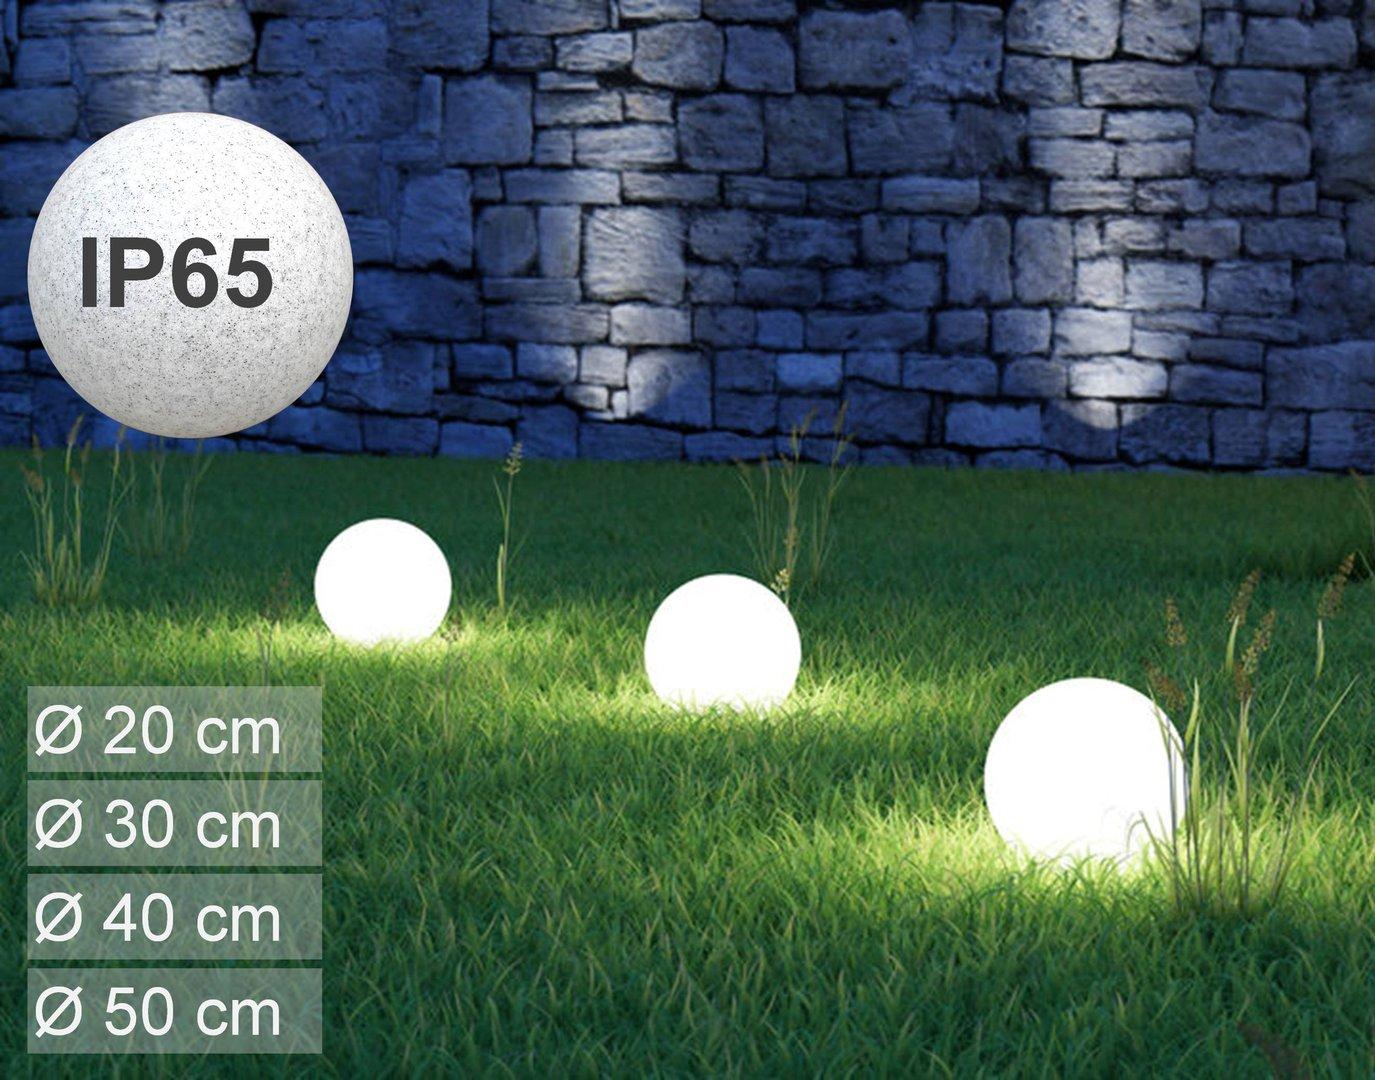 Full Size of Kugelleuchte Garten Leuchtkugel Globe Ip65 230v Aufbauleuchte In 4 Gren Ww Spielhaus Holz Lärmschutz Edelstahl Rattanmöbel Liegestuhl Ausziehtisch Garten Kugelleuchte Garten